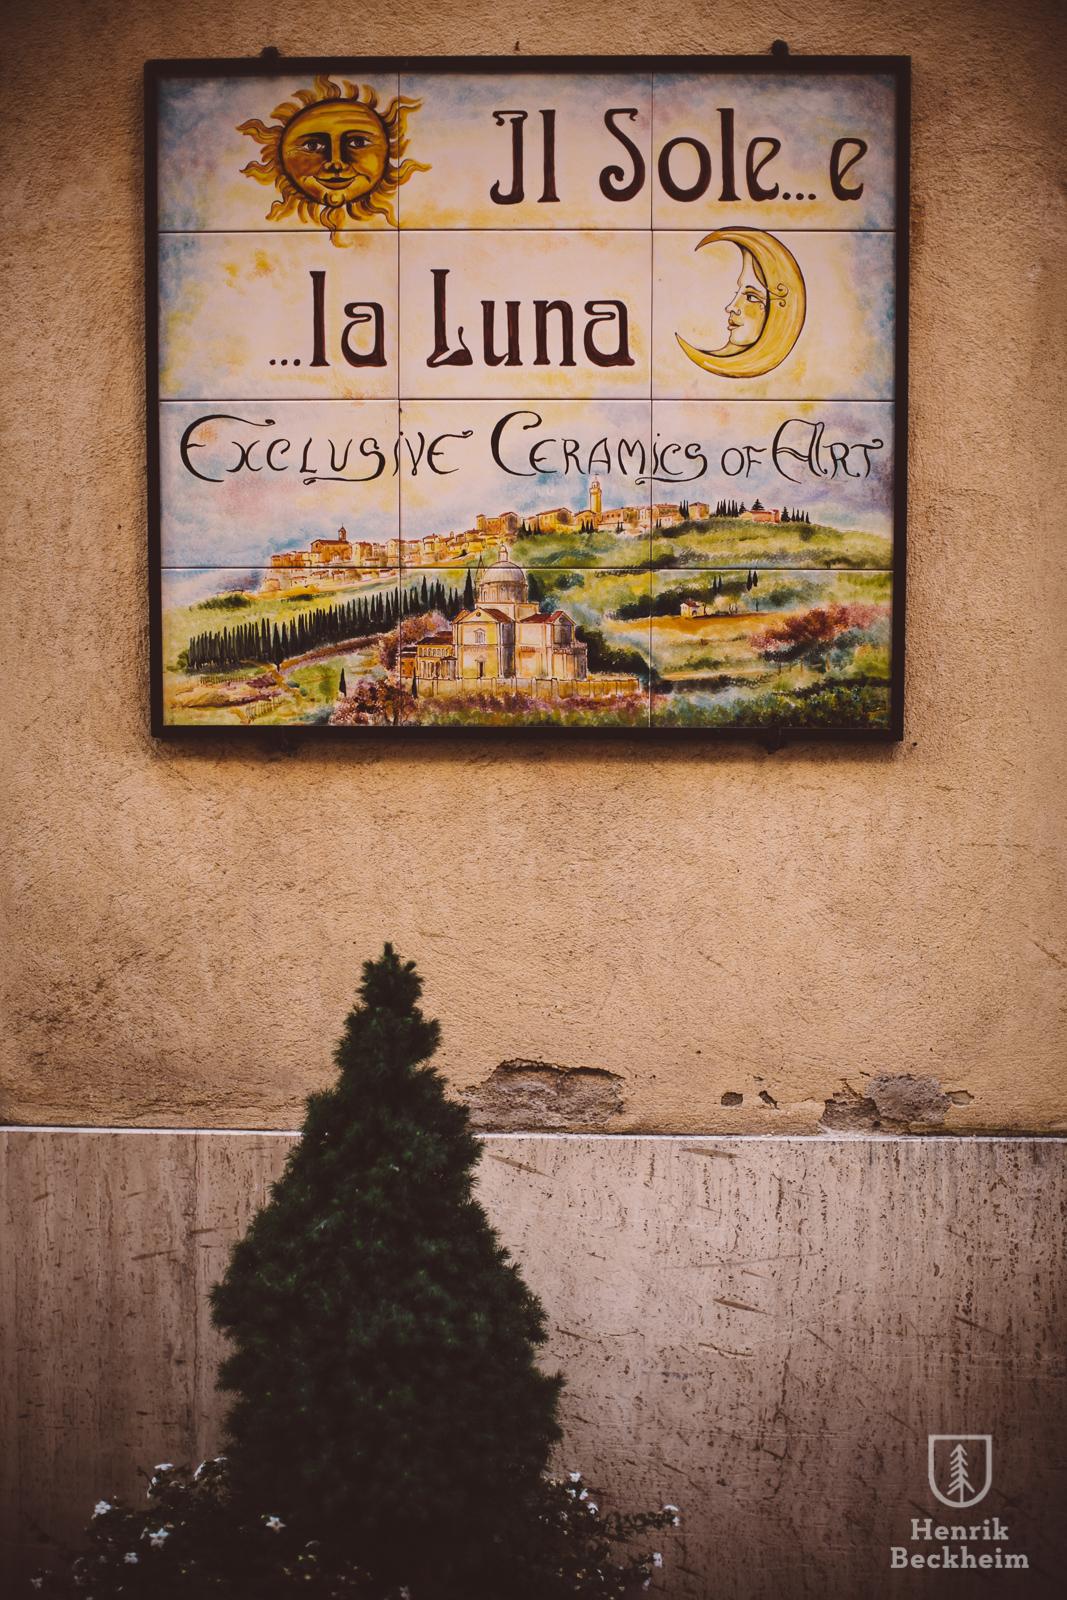 Tuscany00005